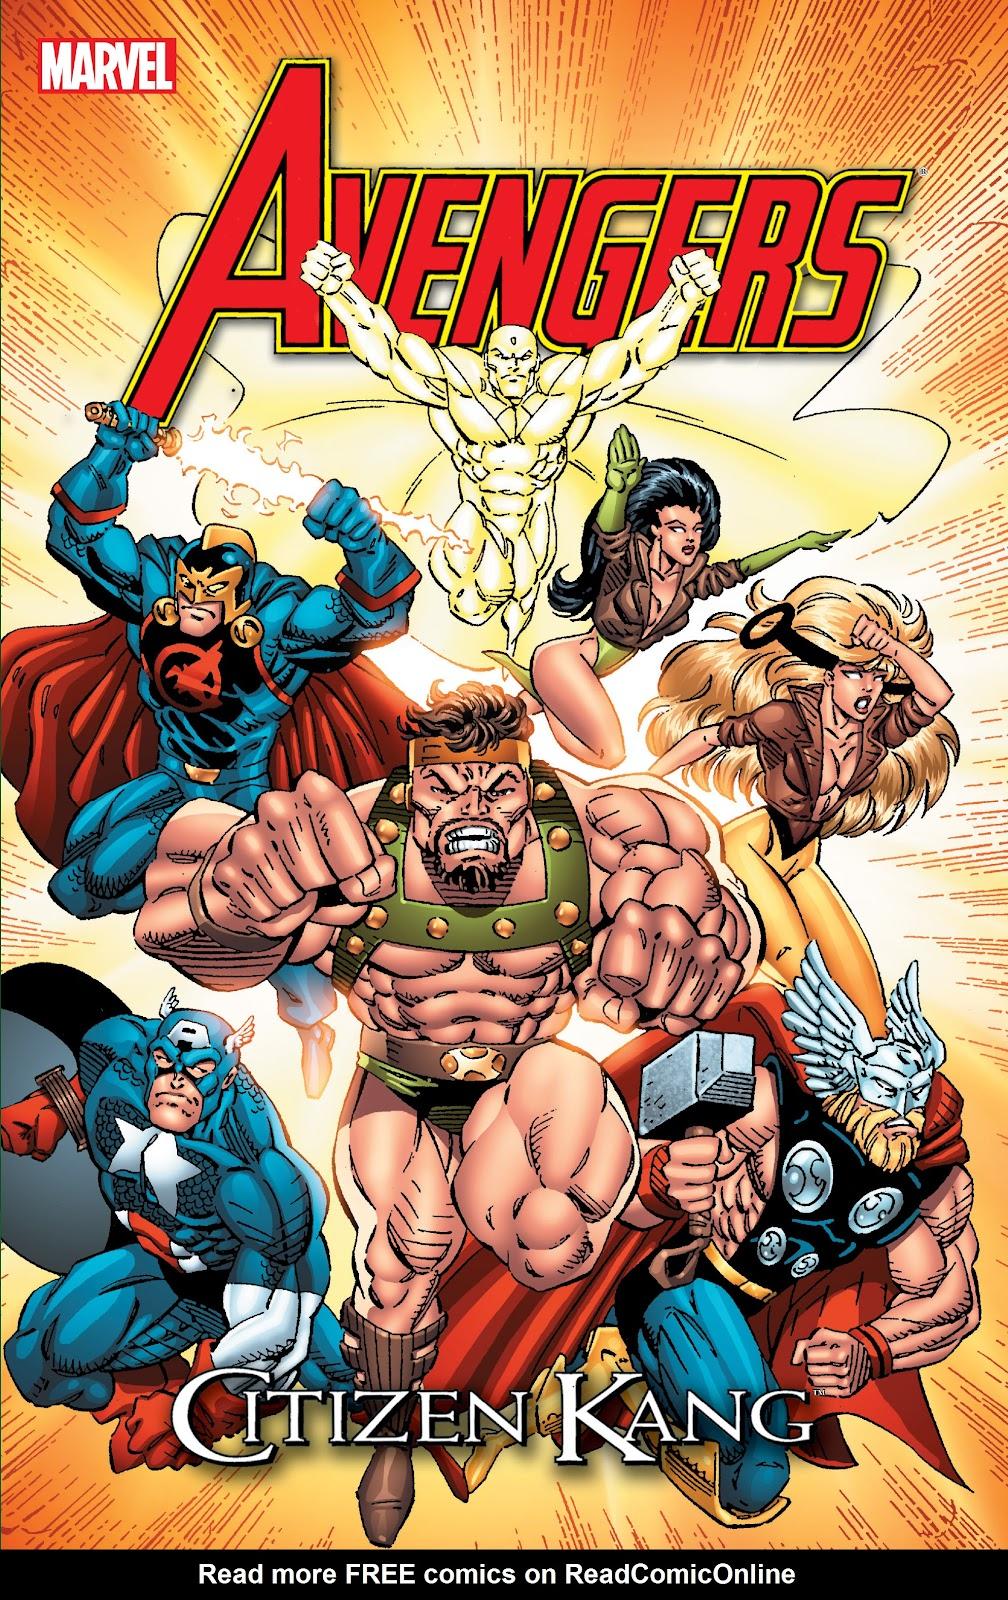 Read online Avengers: Citizen Kang comic -  Issue # TPB (Part 1) - 1